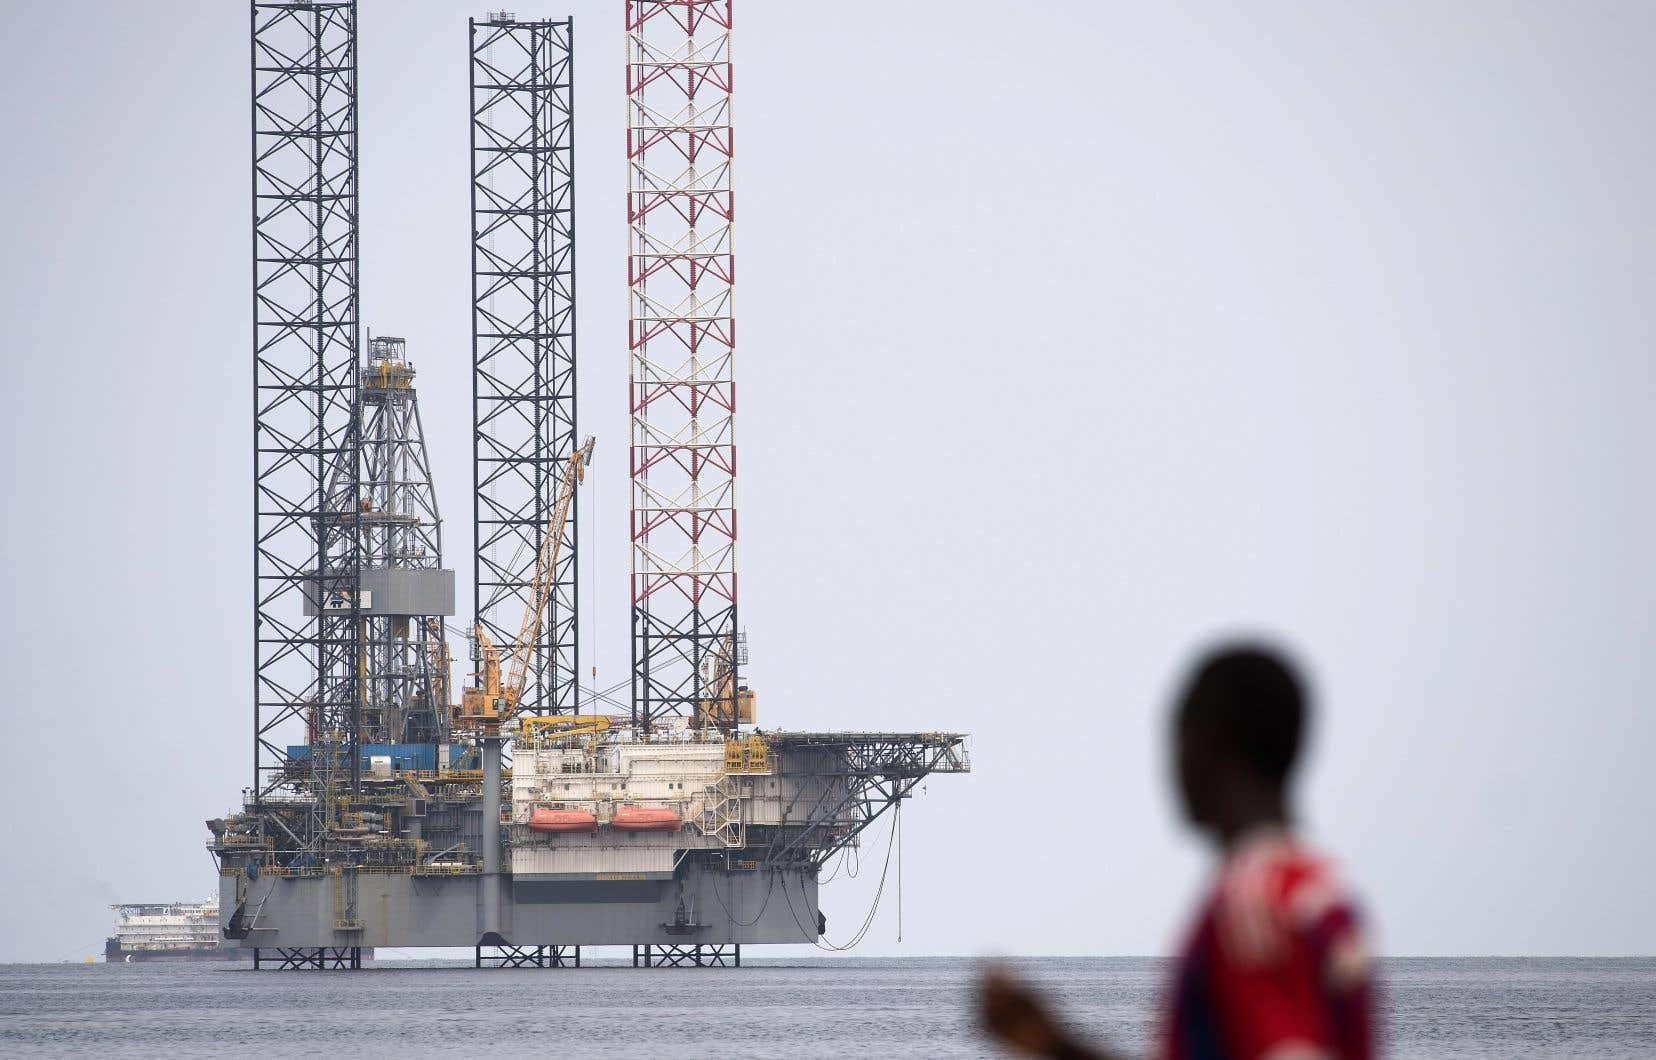 La faiblesse des prix du pétrole a contribué à la contraction des flux dans diverses économies africaines. Cette photo montre une plateforme pétrolière au large du Gabon.